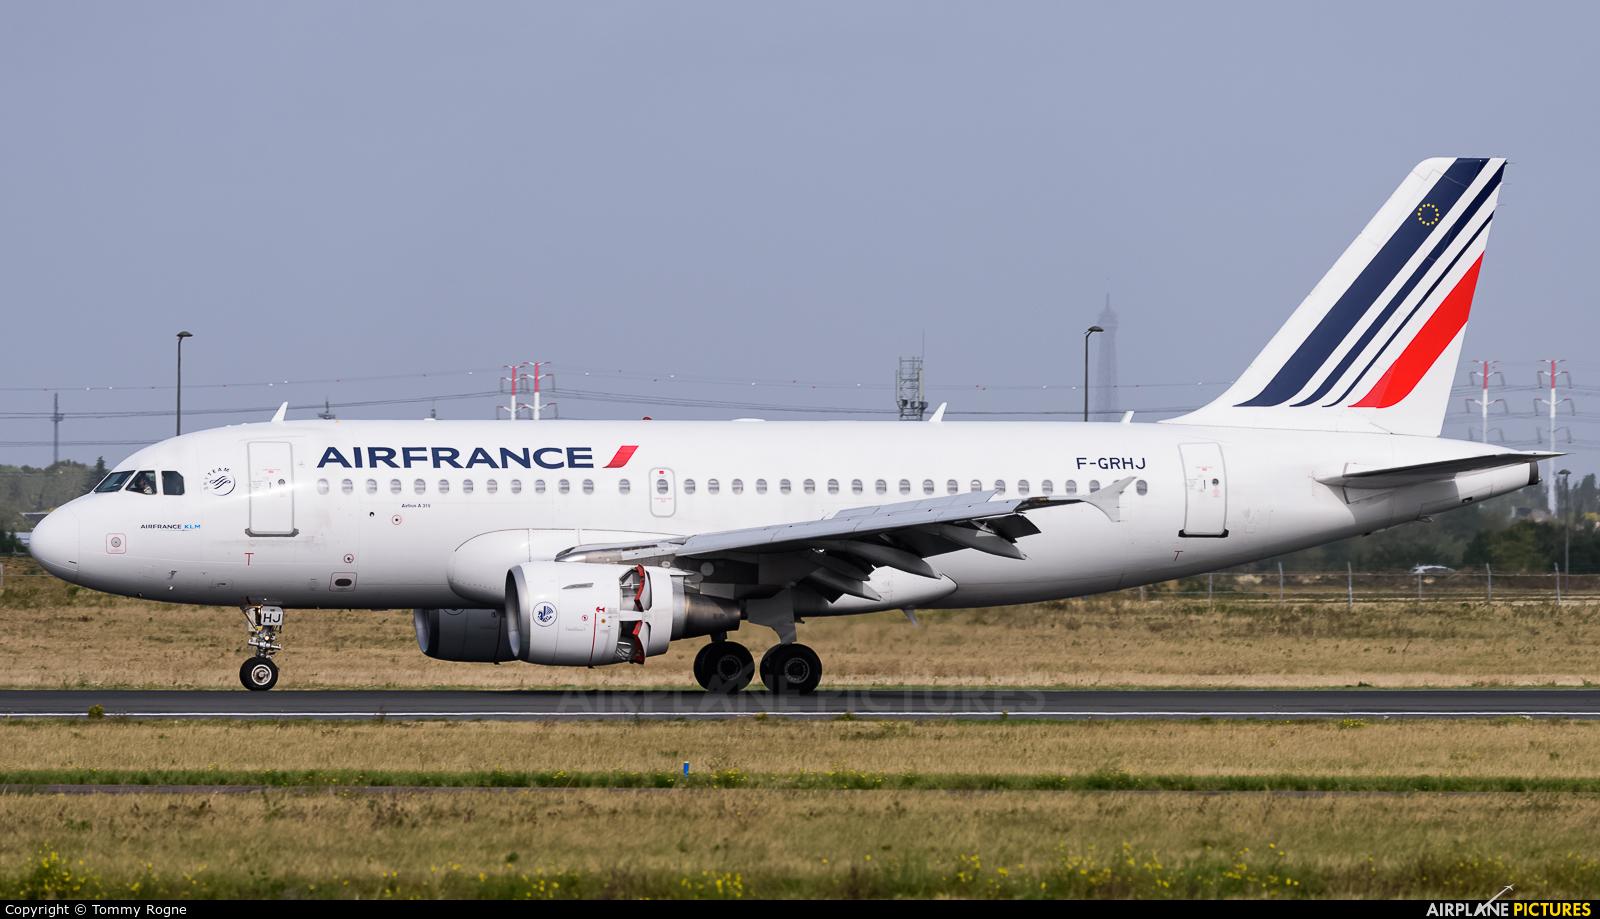 Air France F-GRHJ aircraft at Paris - Orly